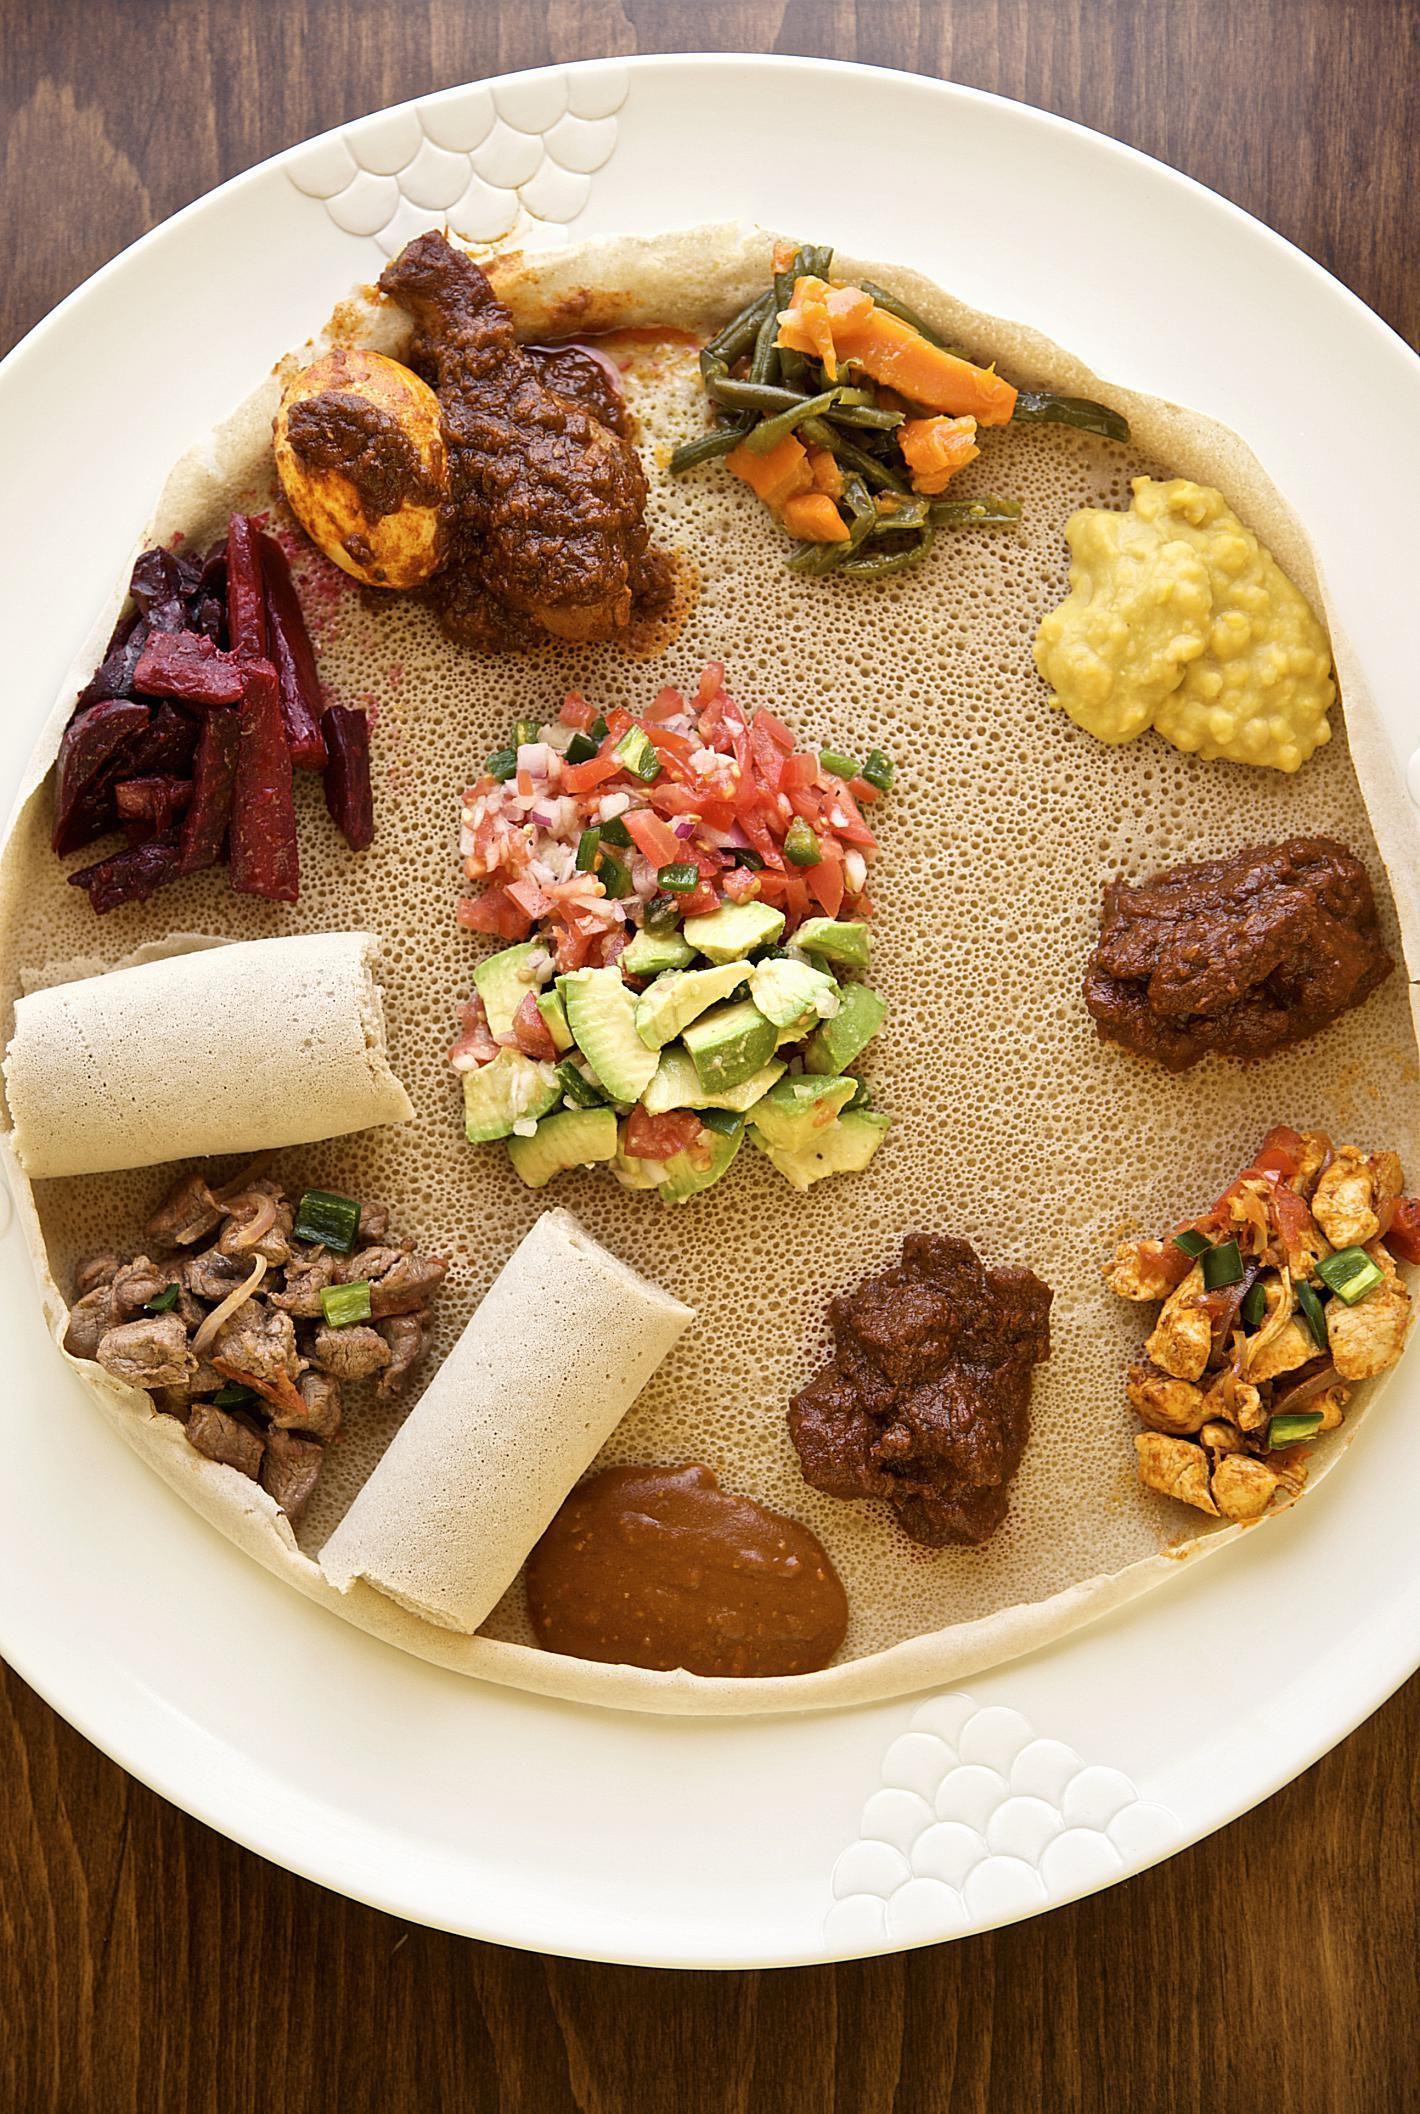 عايزة اعرفكم على العروس السودانية بالصور 3 (With images ... |Somali Wedding Food